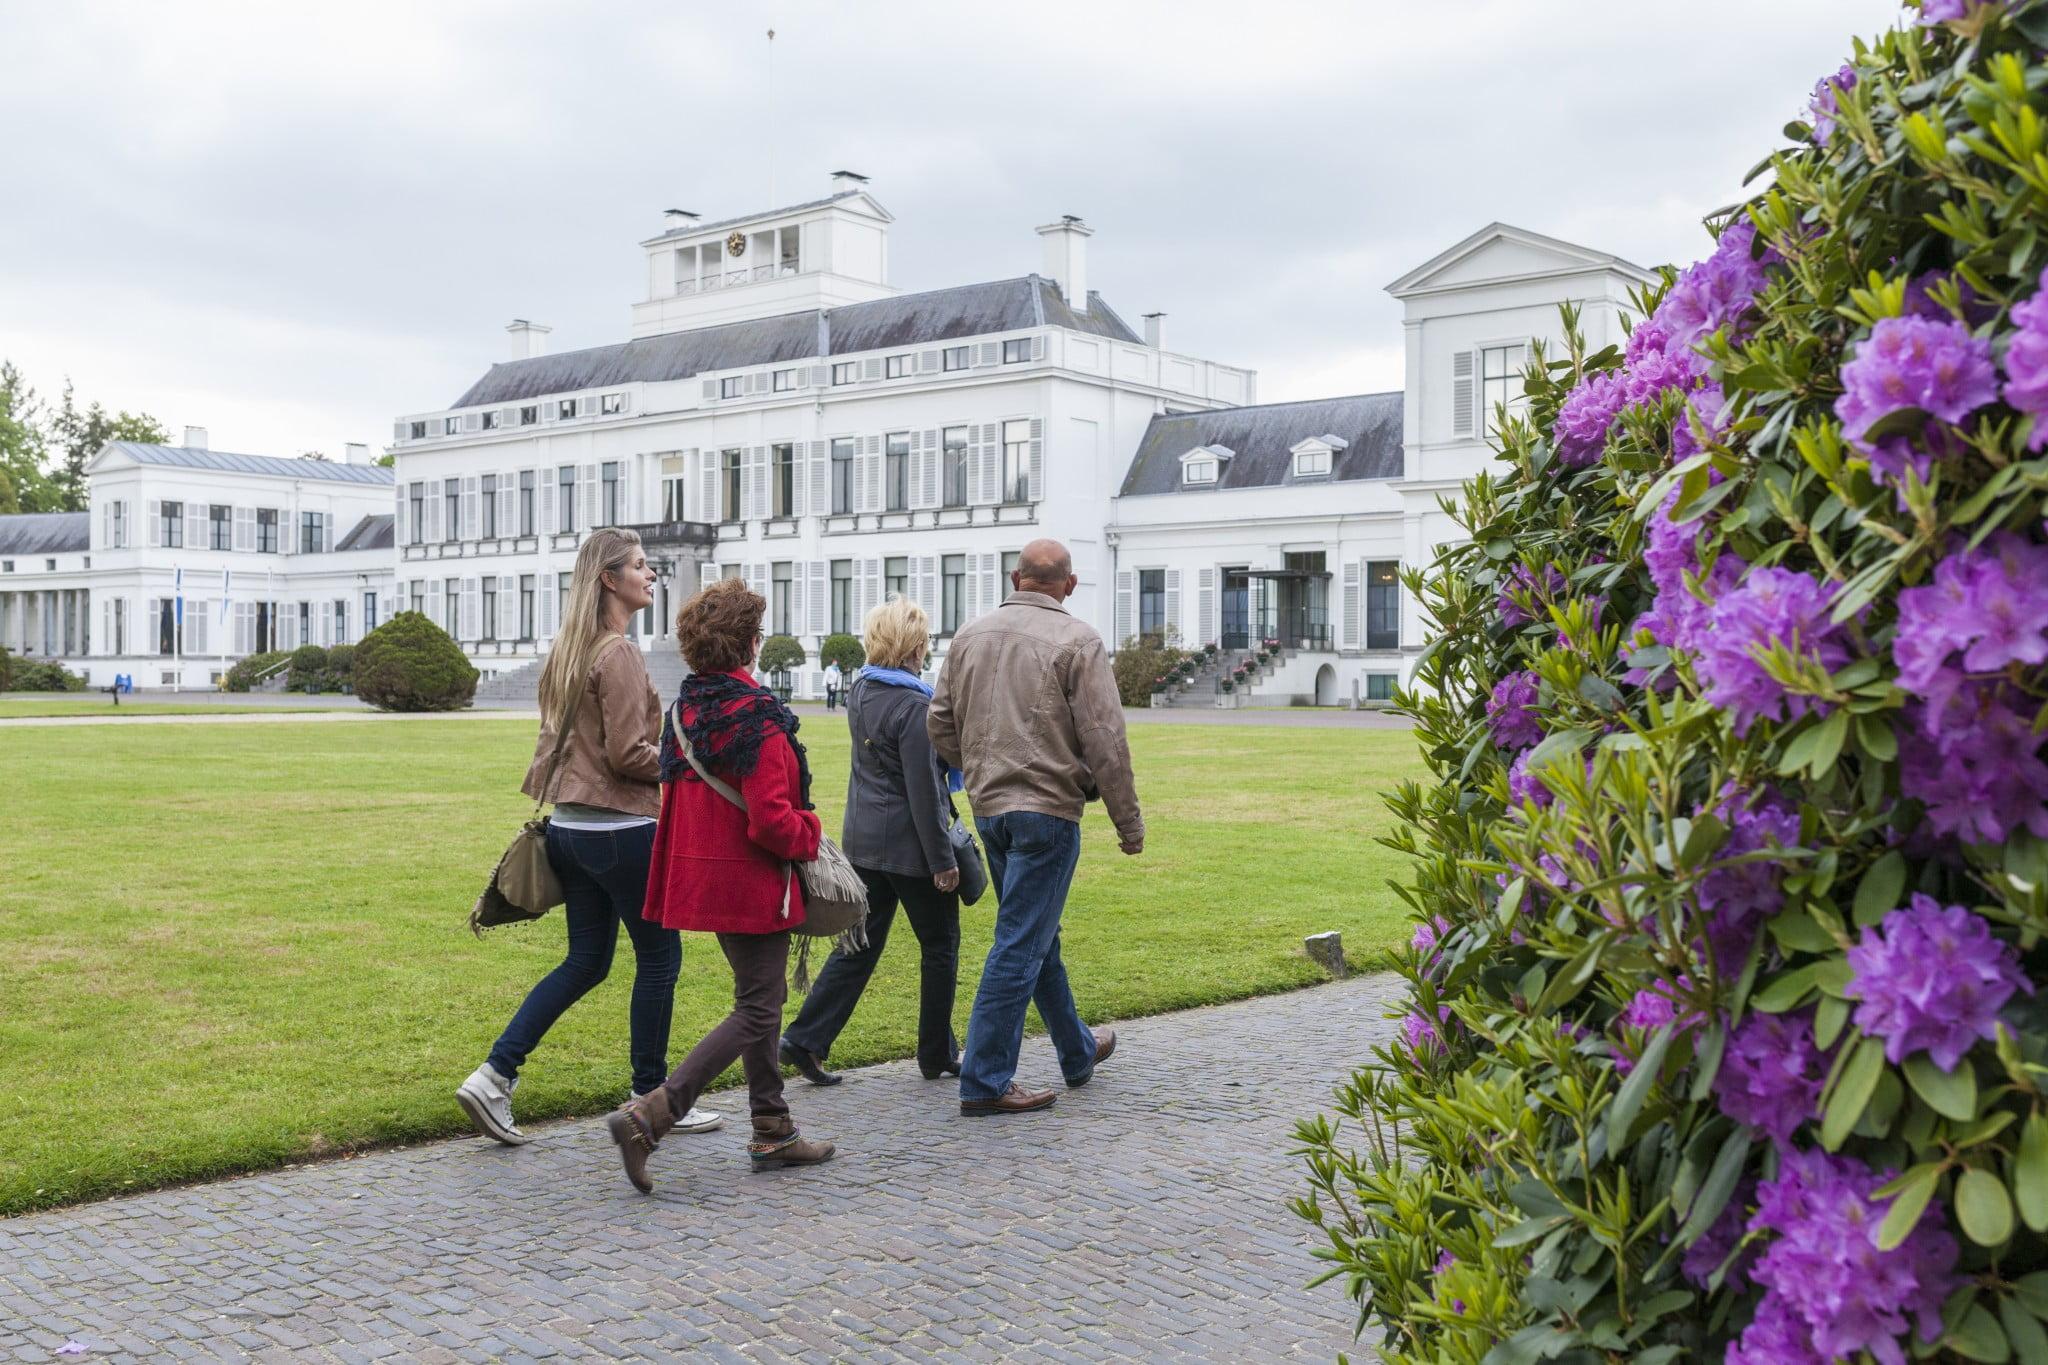 Tuin Paleis Soestdijk : Paleis soestdijk wandelende gasten in tuin rechtenvrij soestdijk